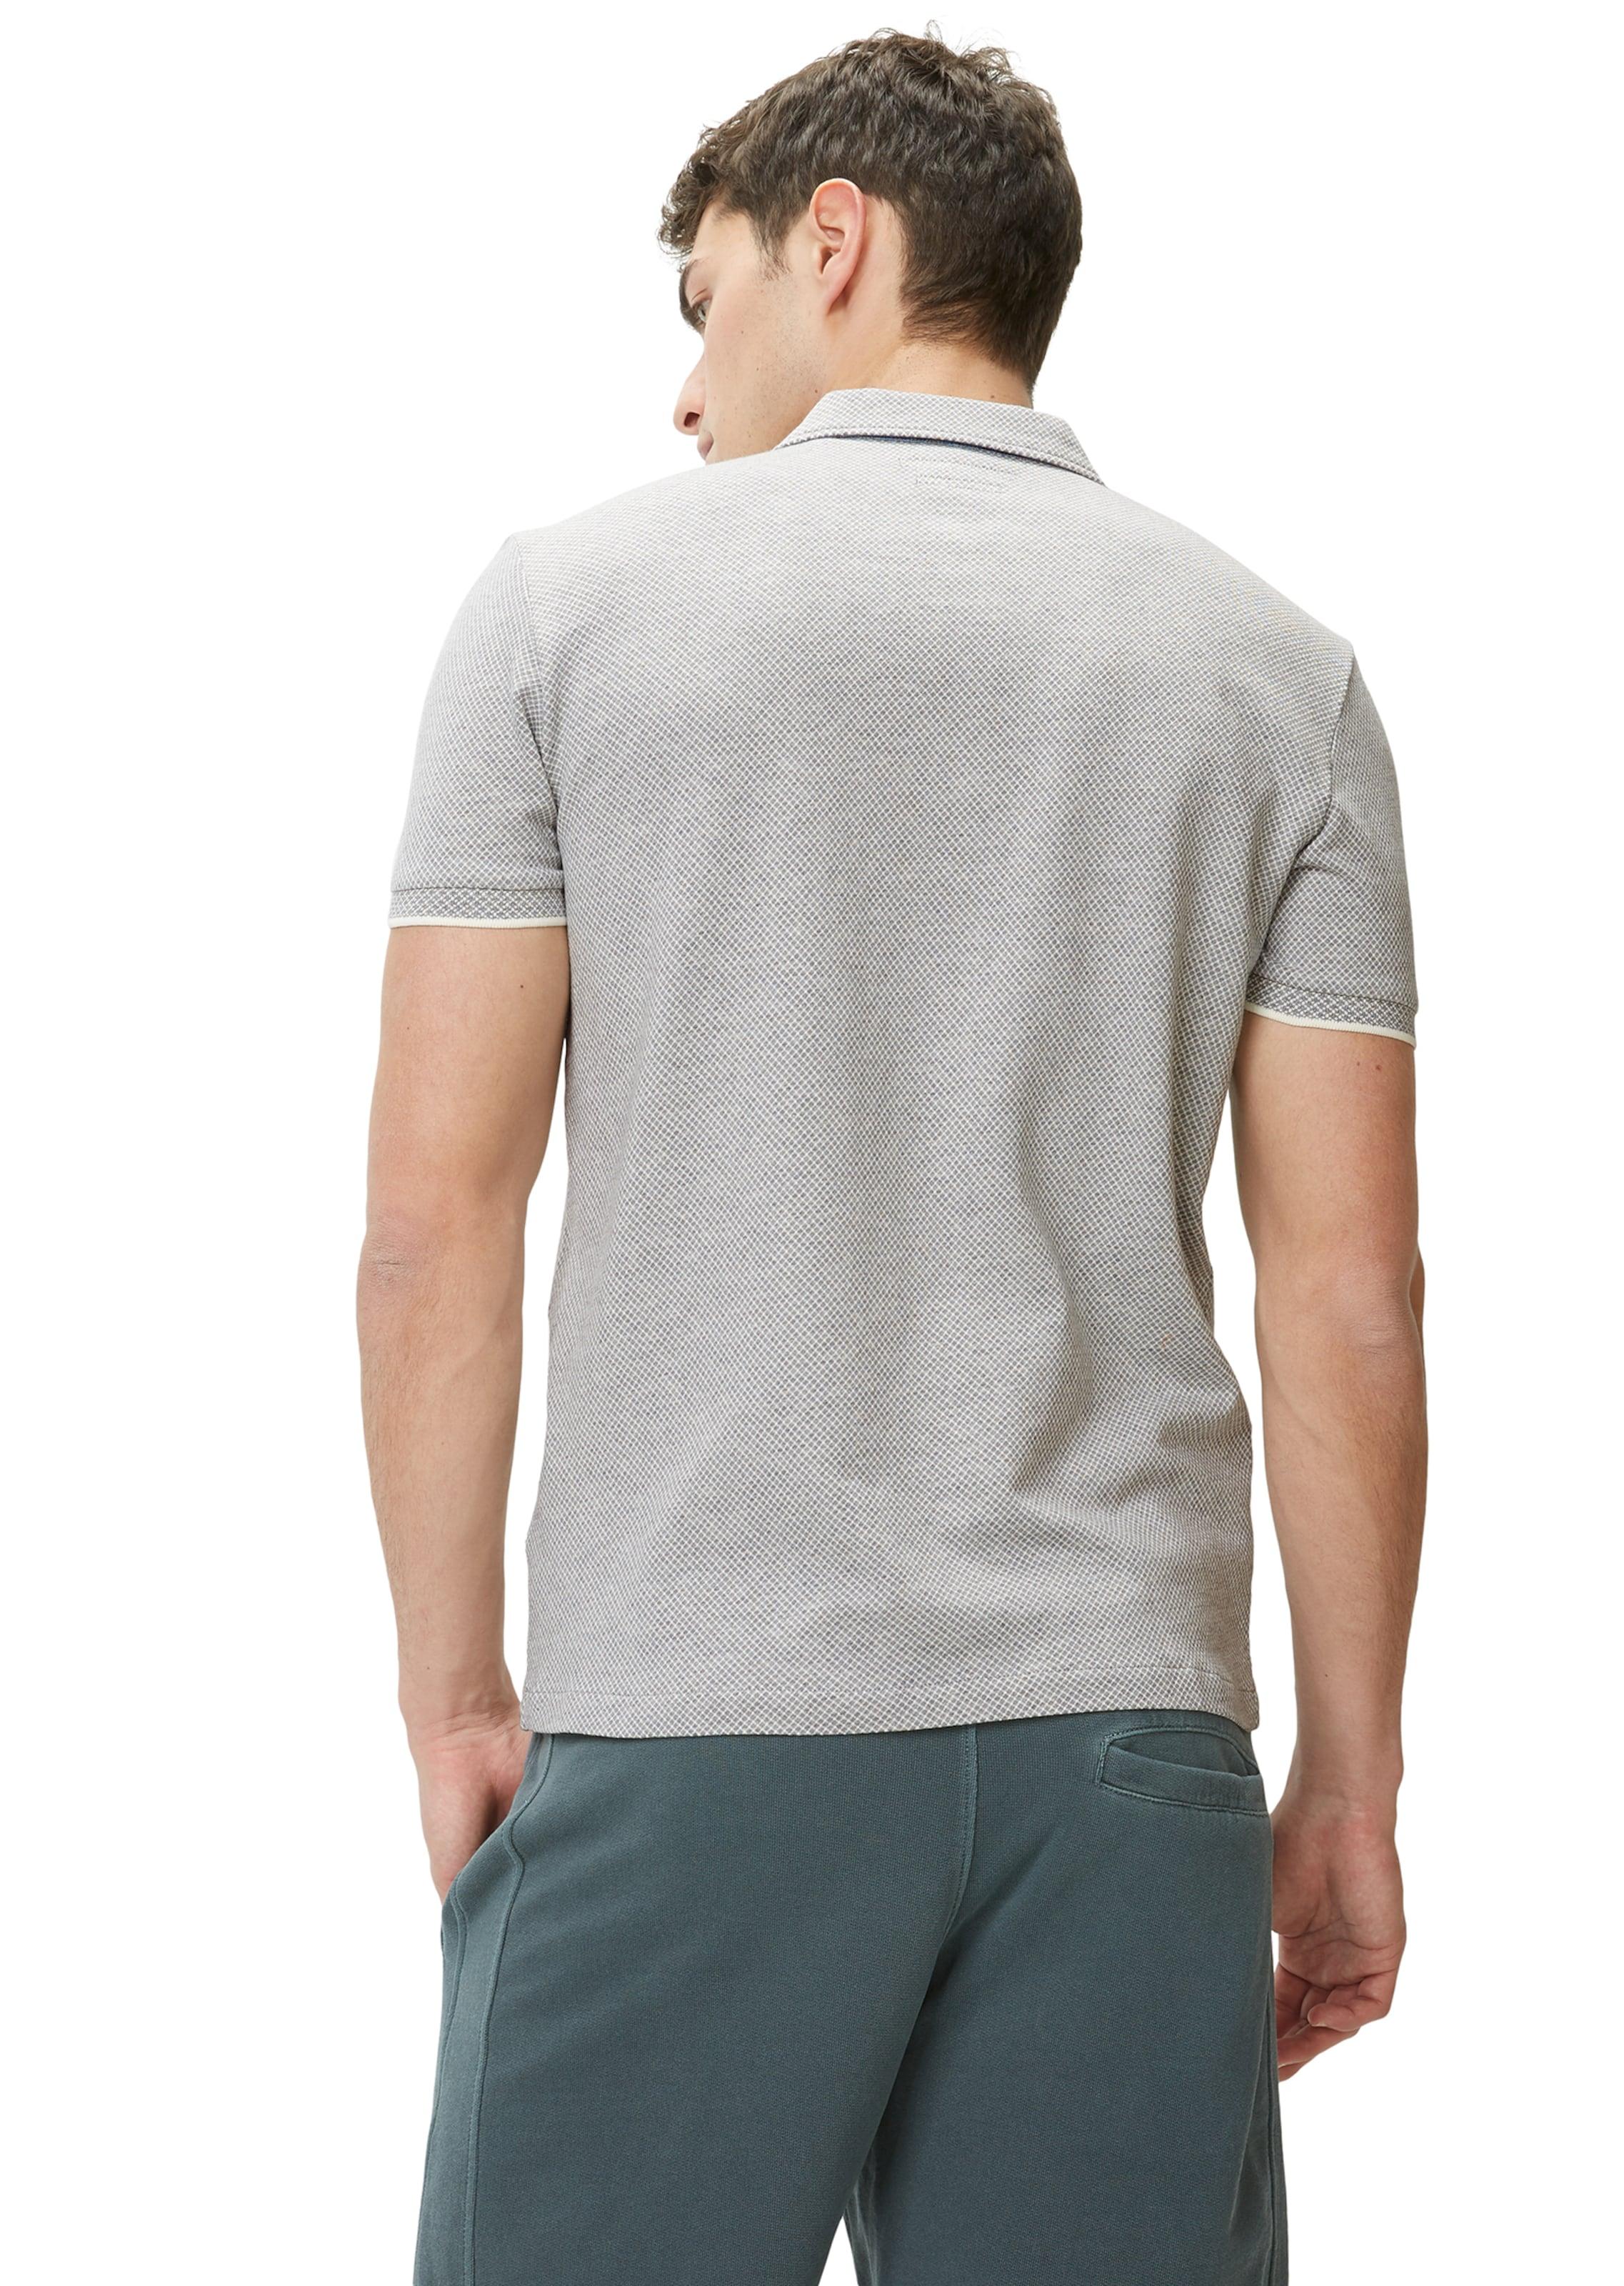 Marc Marc Shirt In HellgrauWeiß O'polo O'polo HellgrauWeiß Marc Shirt In 7gyvYf6b